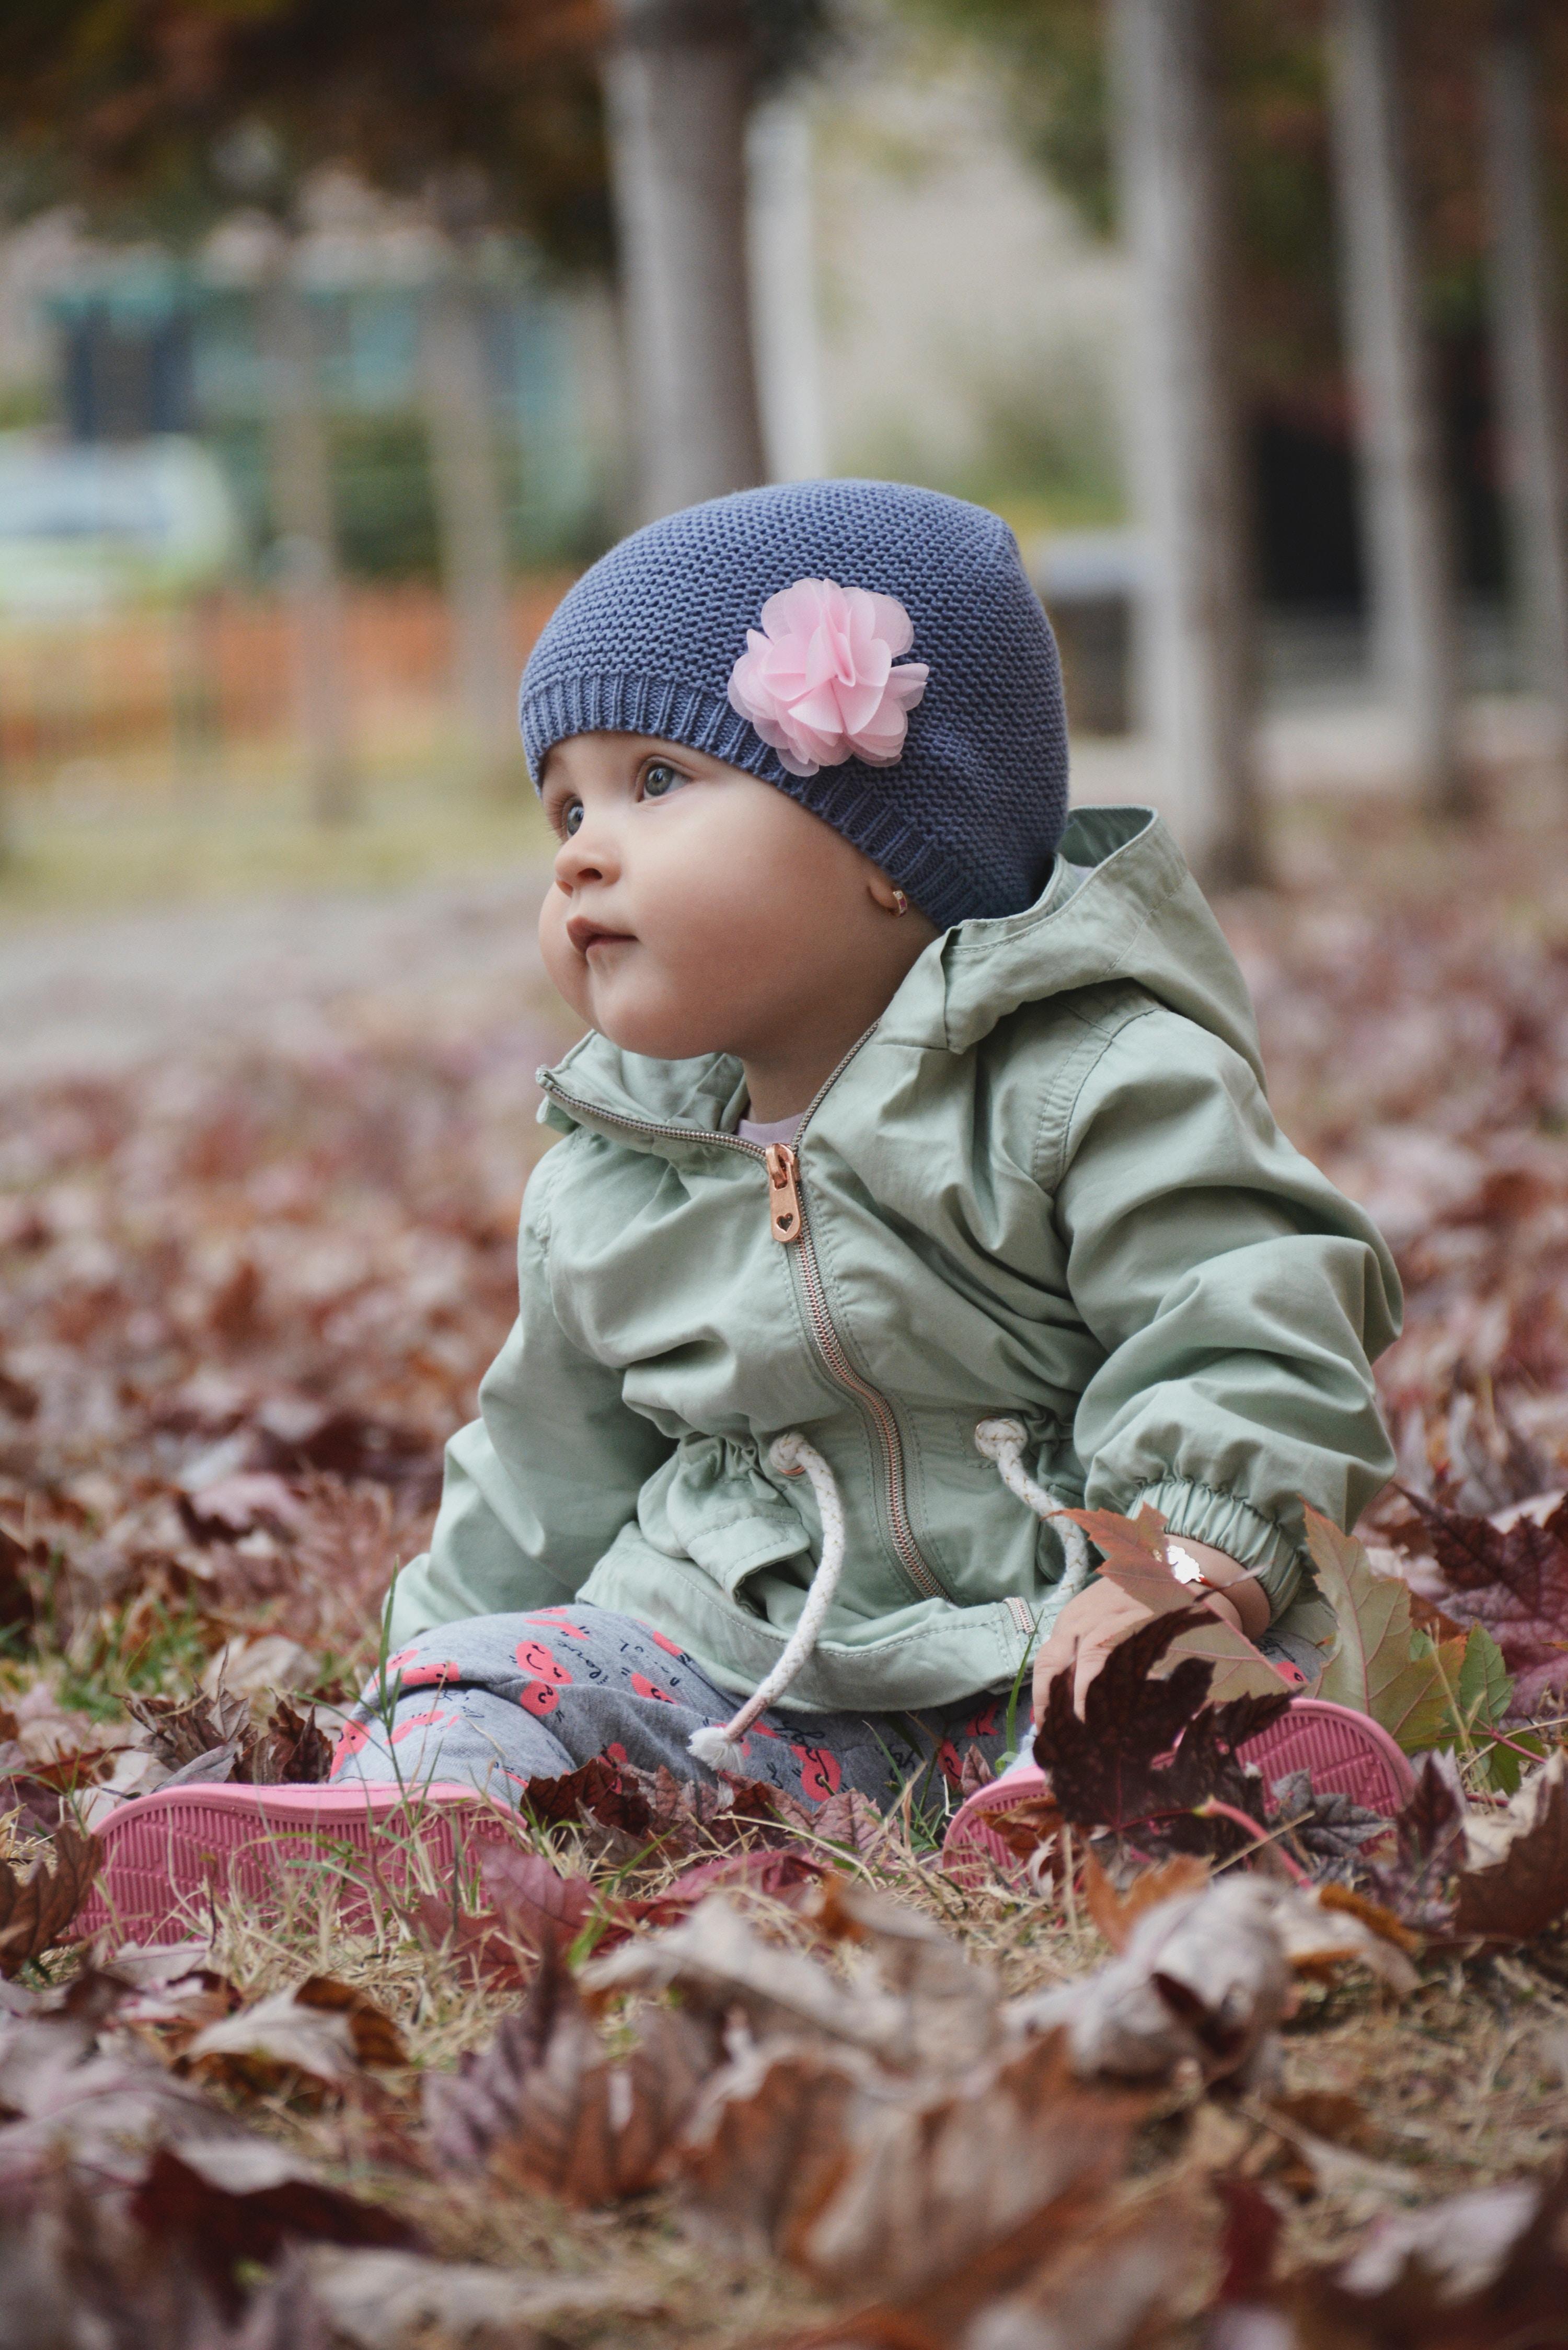 Find tøj til børn fra lækre mærker som Wheat og GRO hos Asta & Alfred